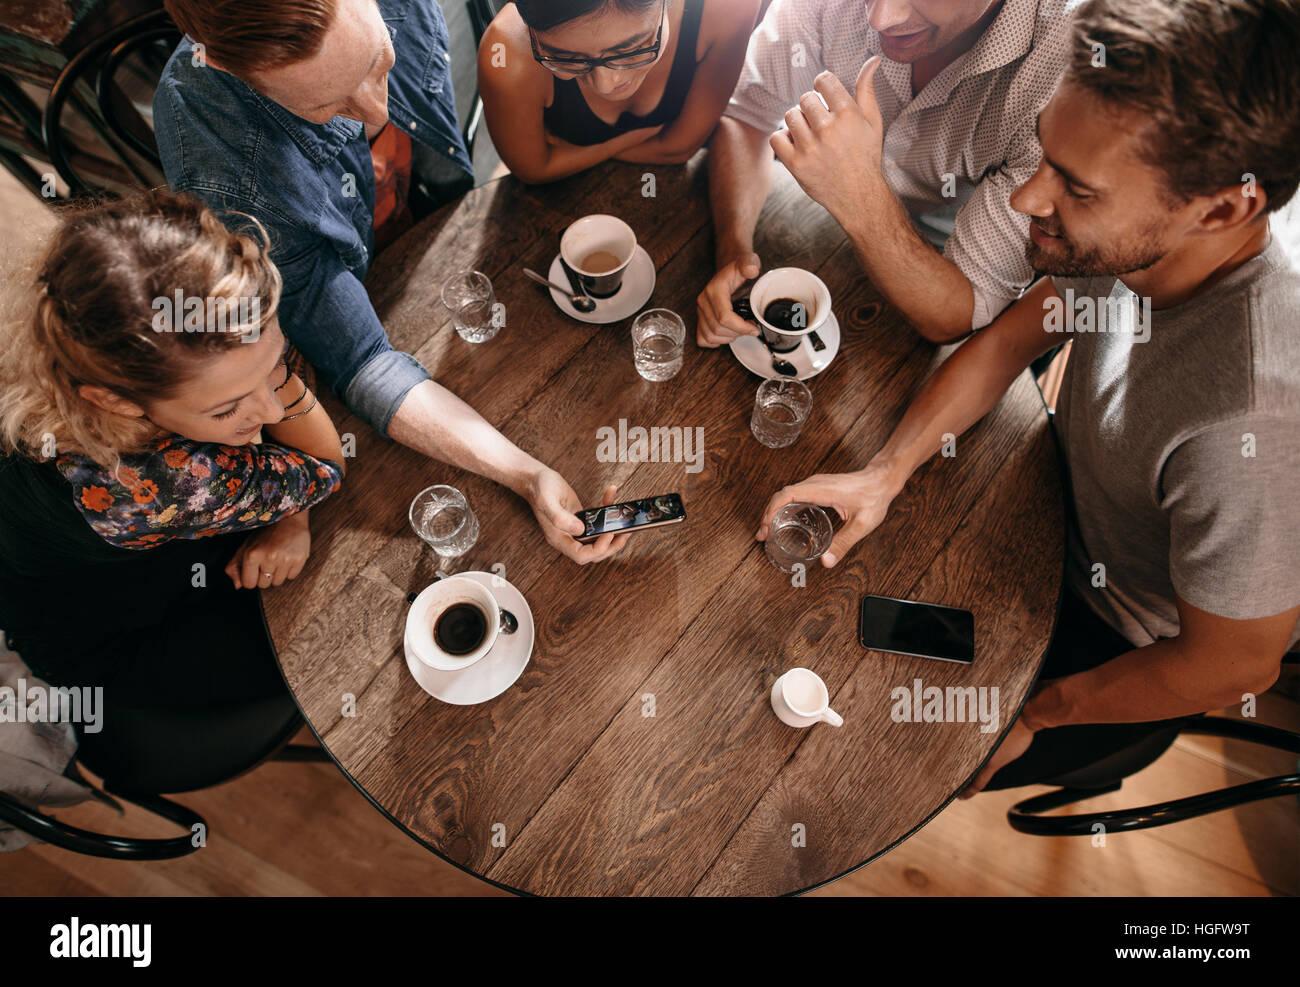 Gruppo di amici al bar e guardando a smart phone. Uomo che mostra qualcosa ai suoi amici seduti a. Immagini Stock